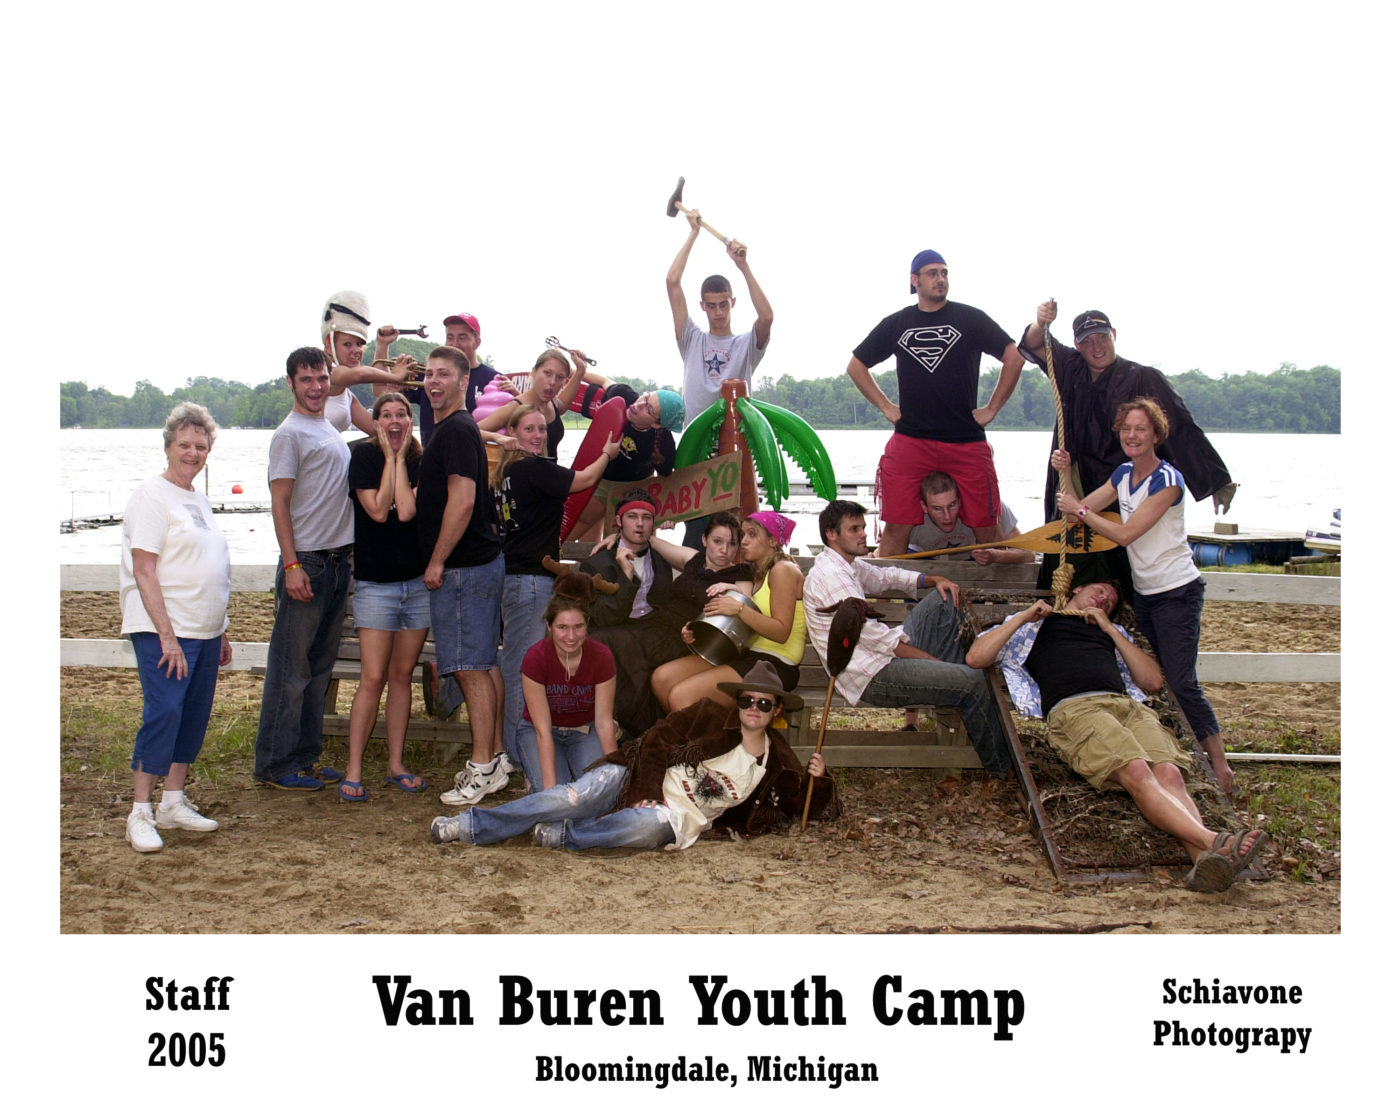 Staff 2005